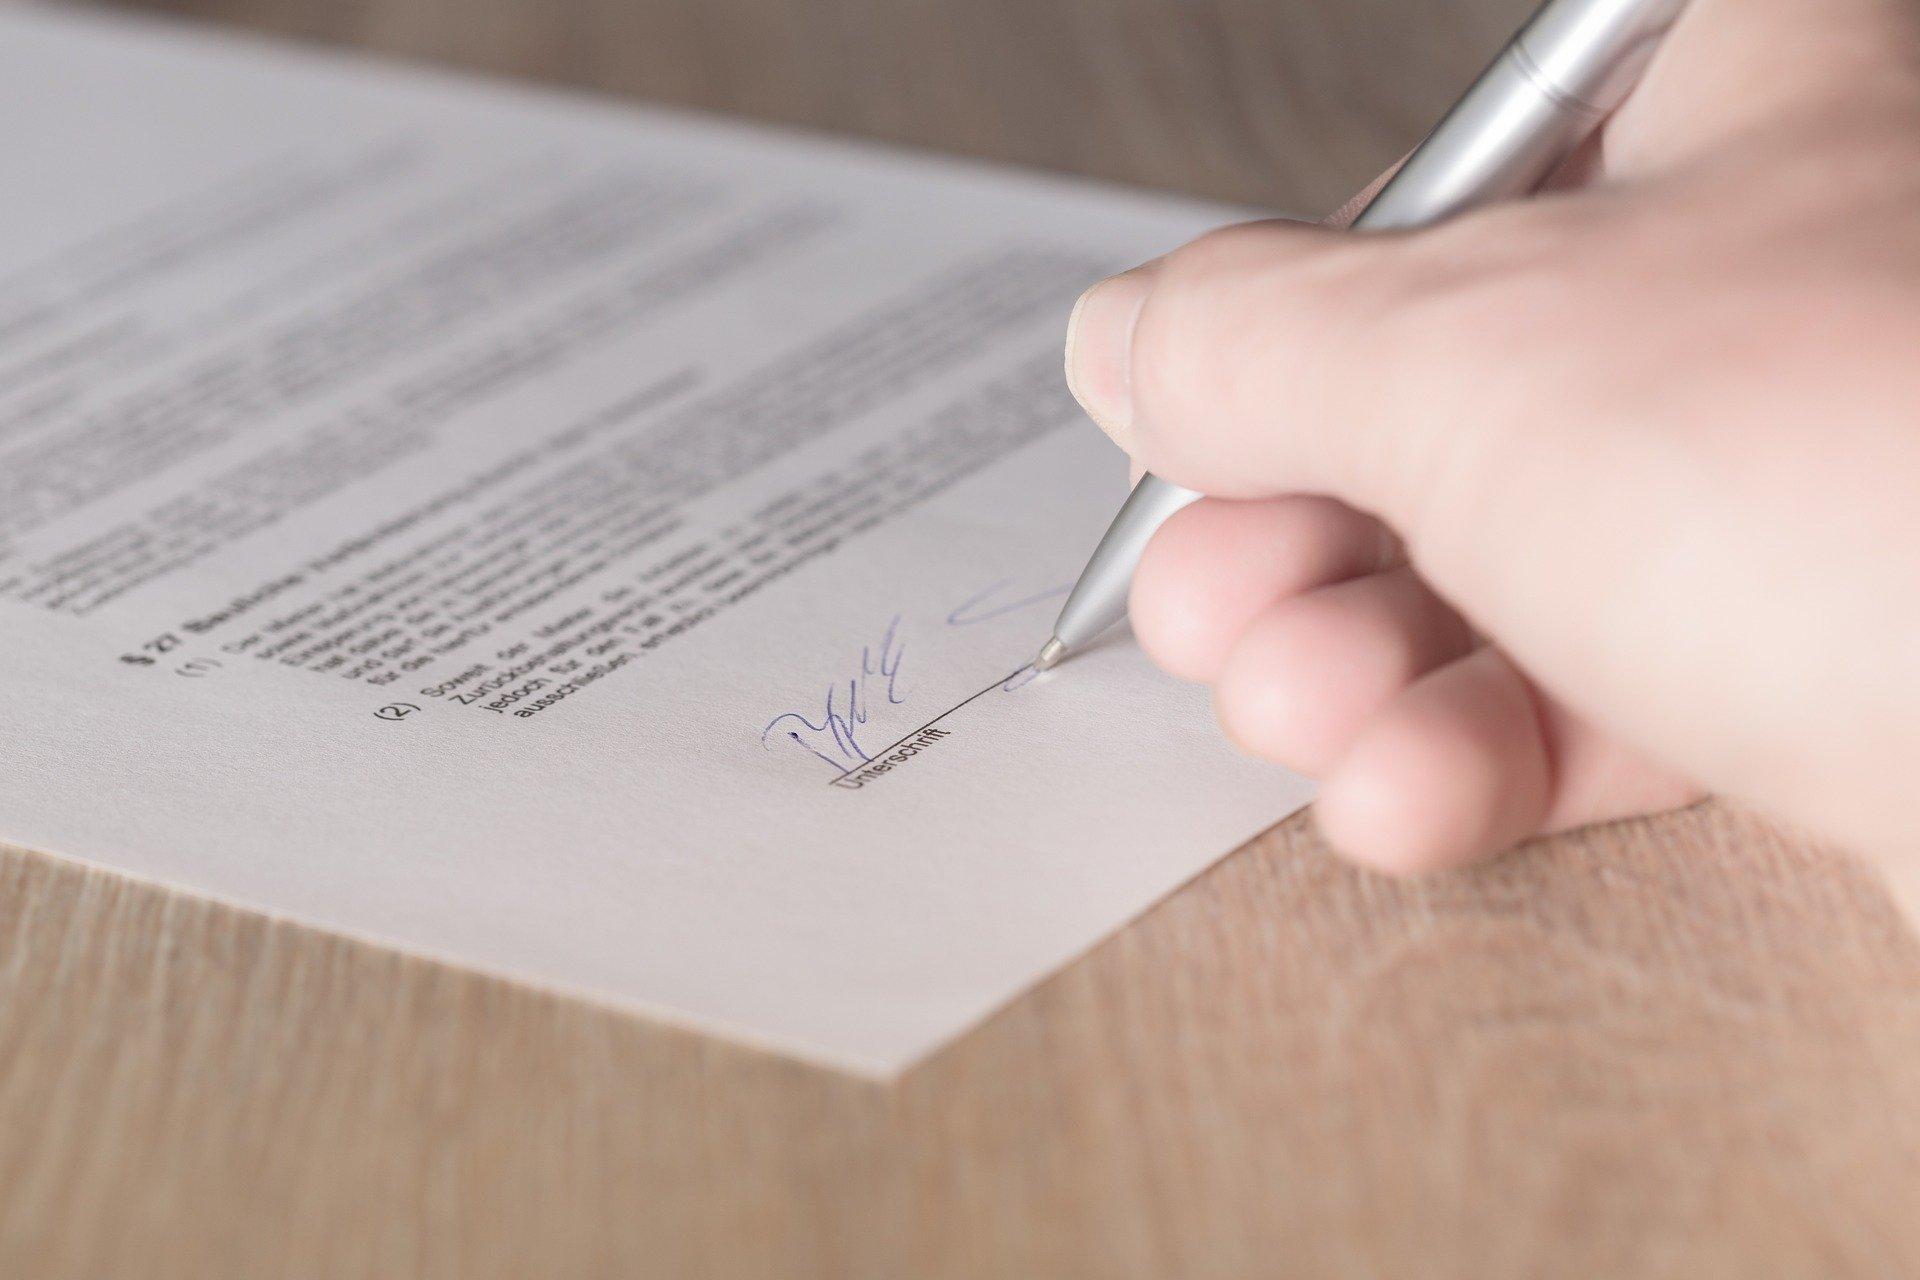 La gestione del personale direttivo: dirigenti, quadri e personale direttivo ai sensi del c.c.n.l. - UP VICENZA